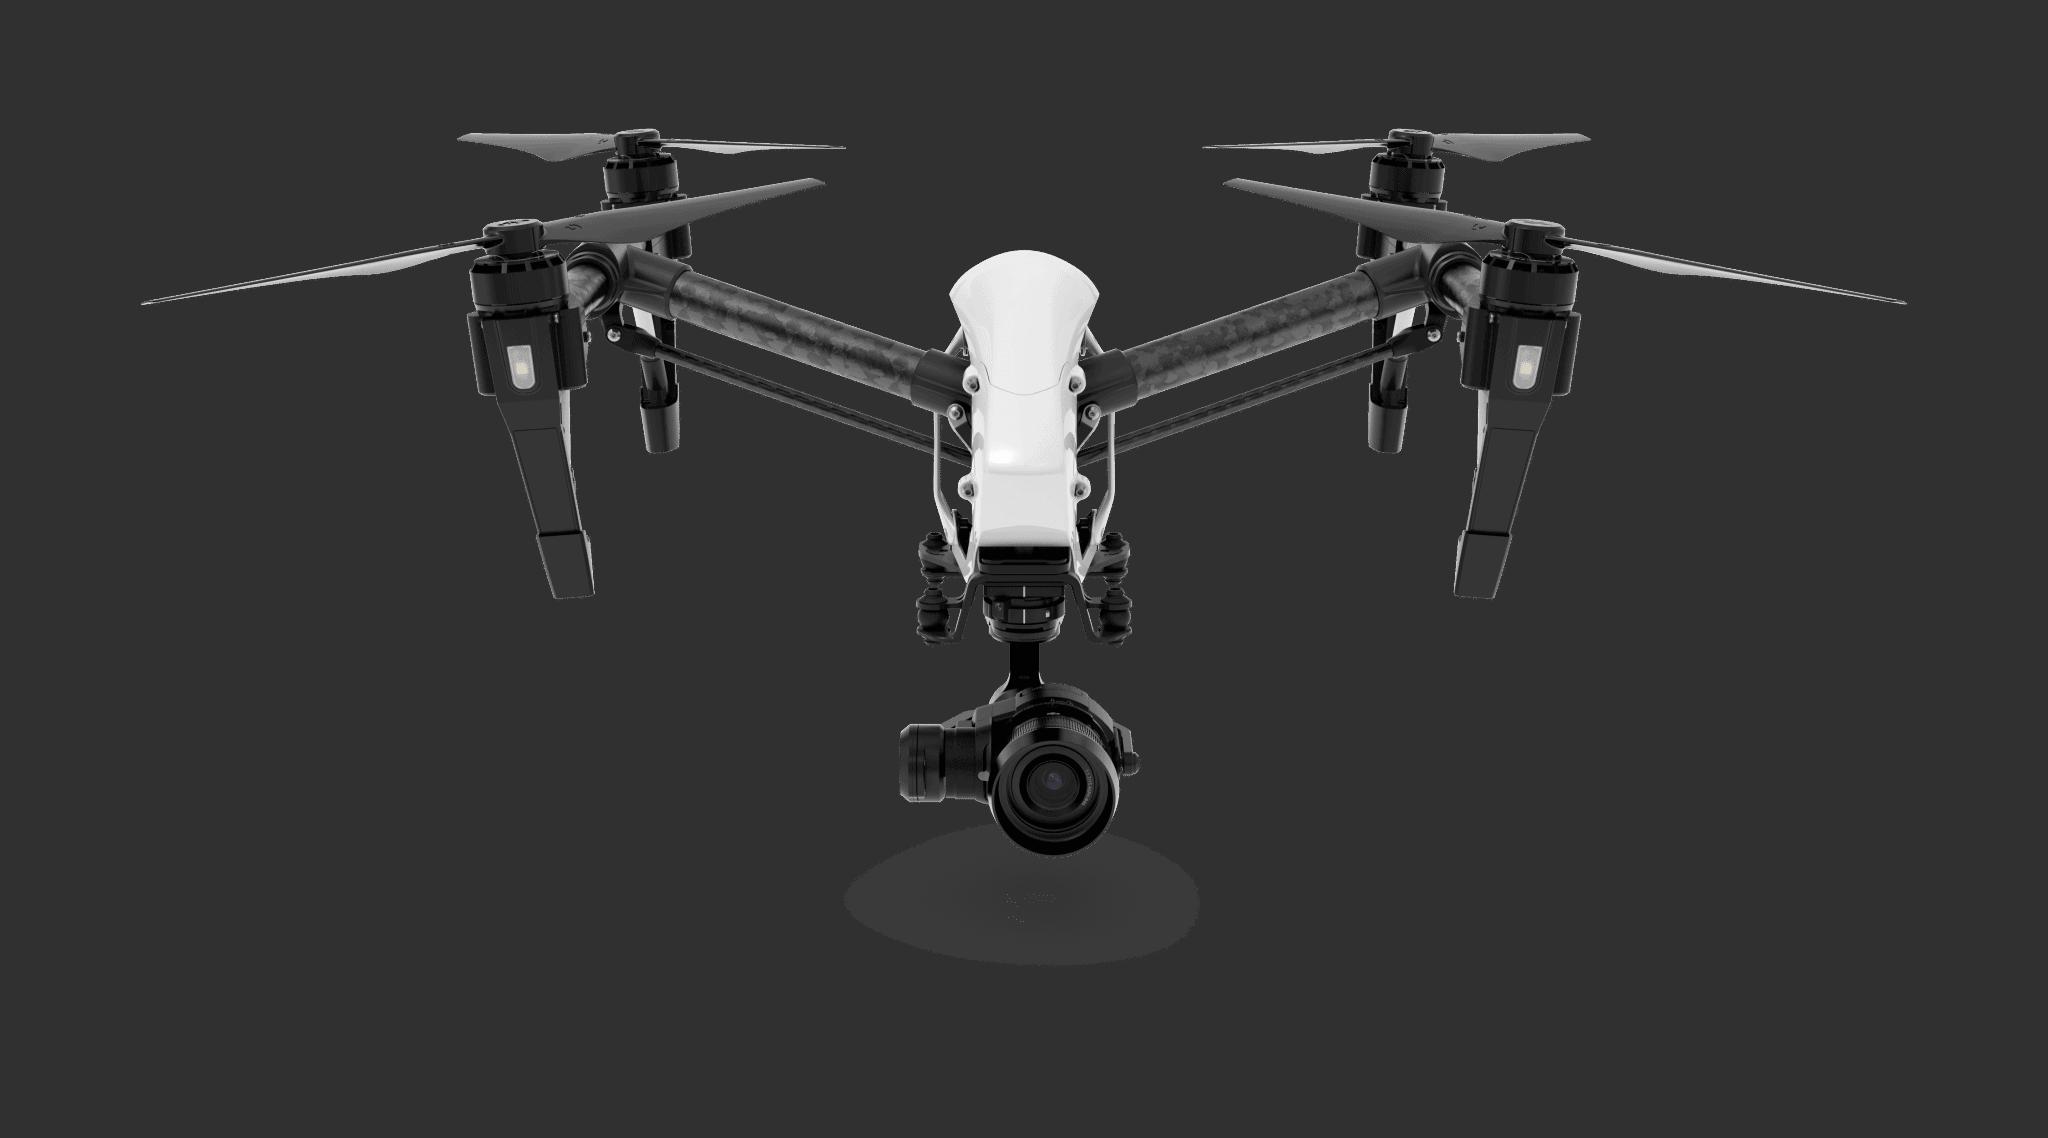 Une évolution de la réglementation drone est attendue.